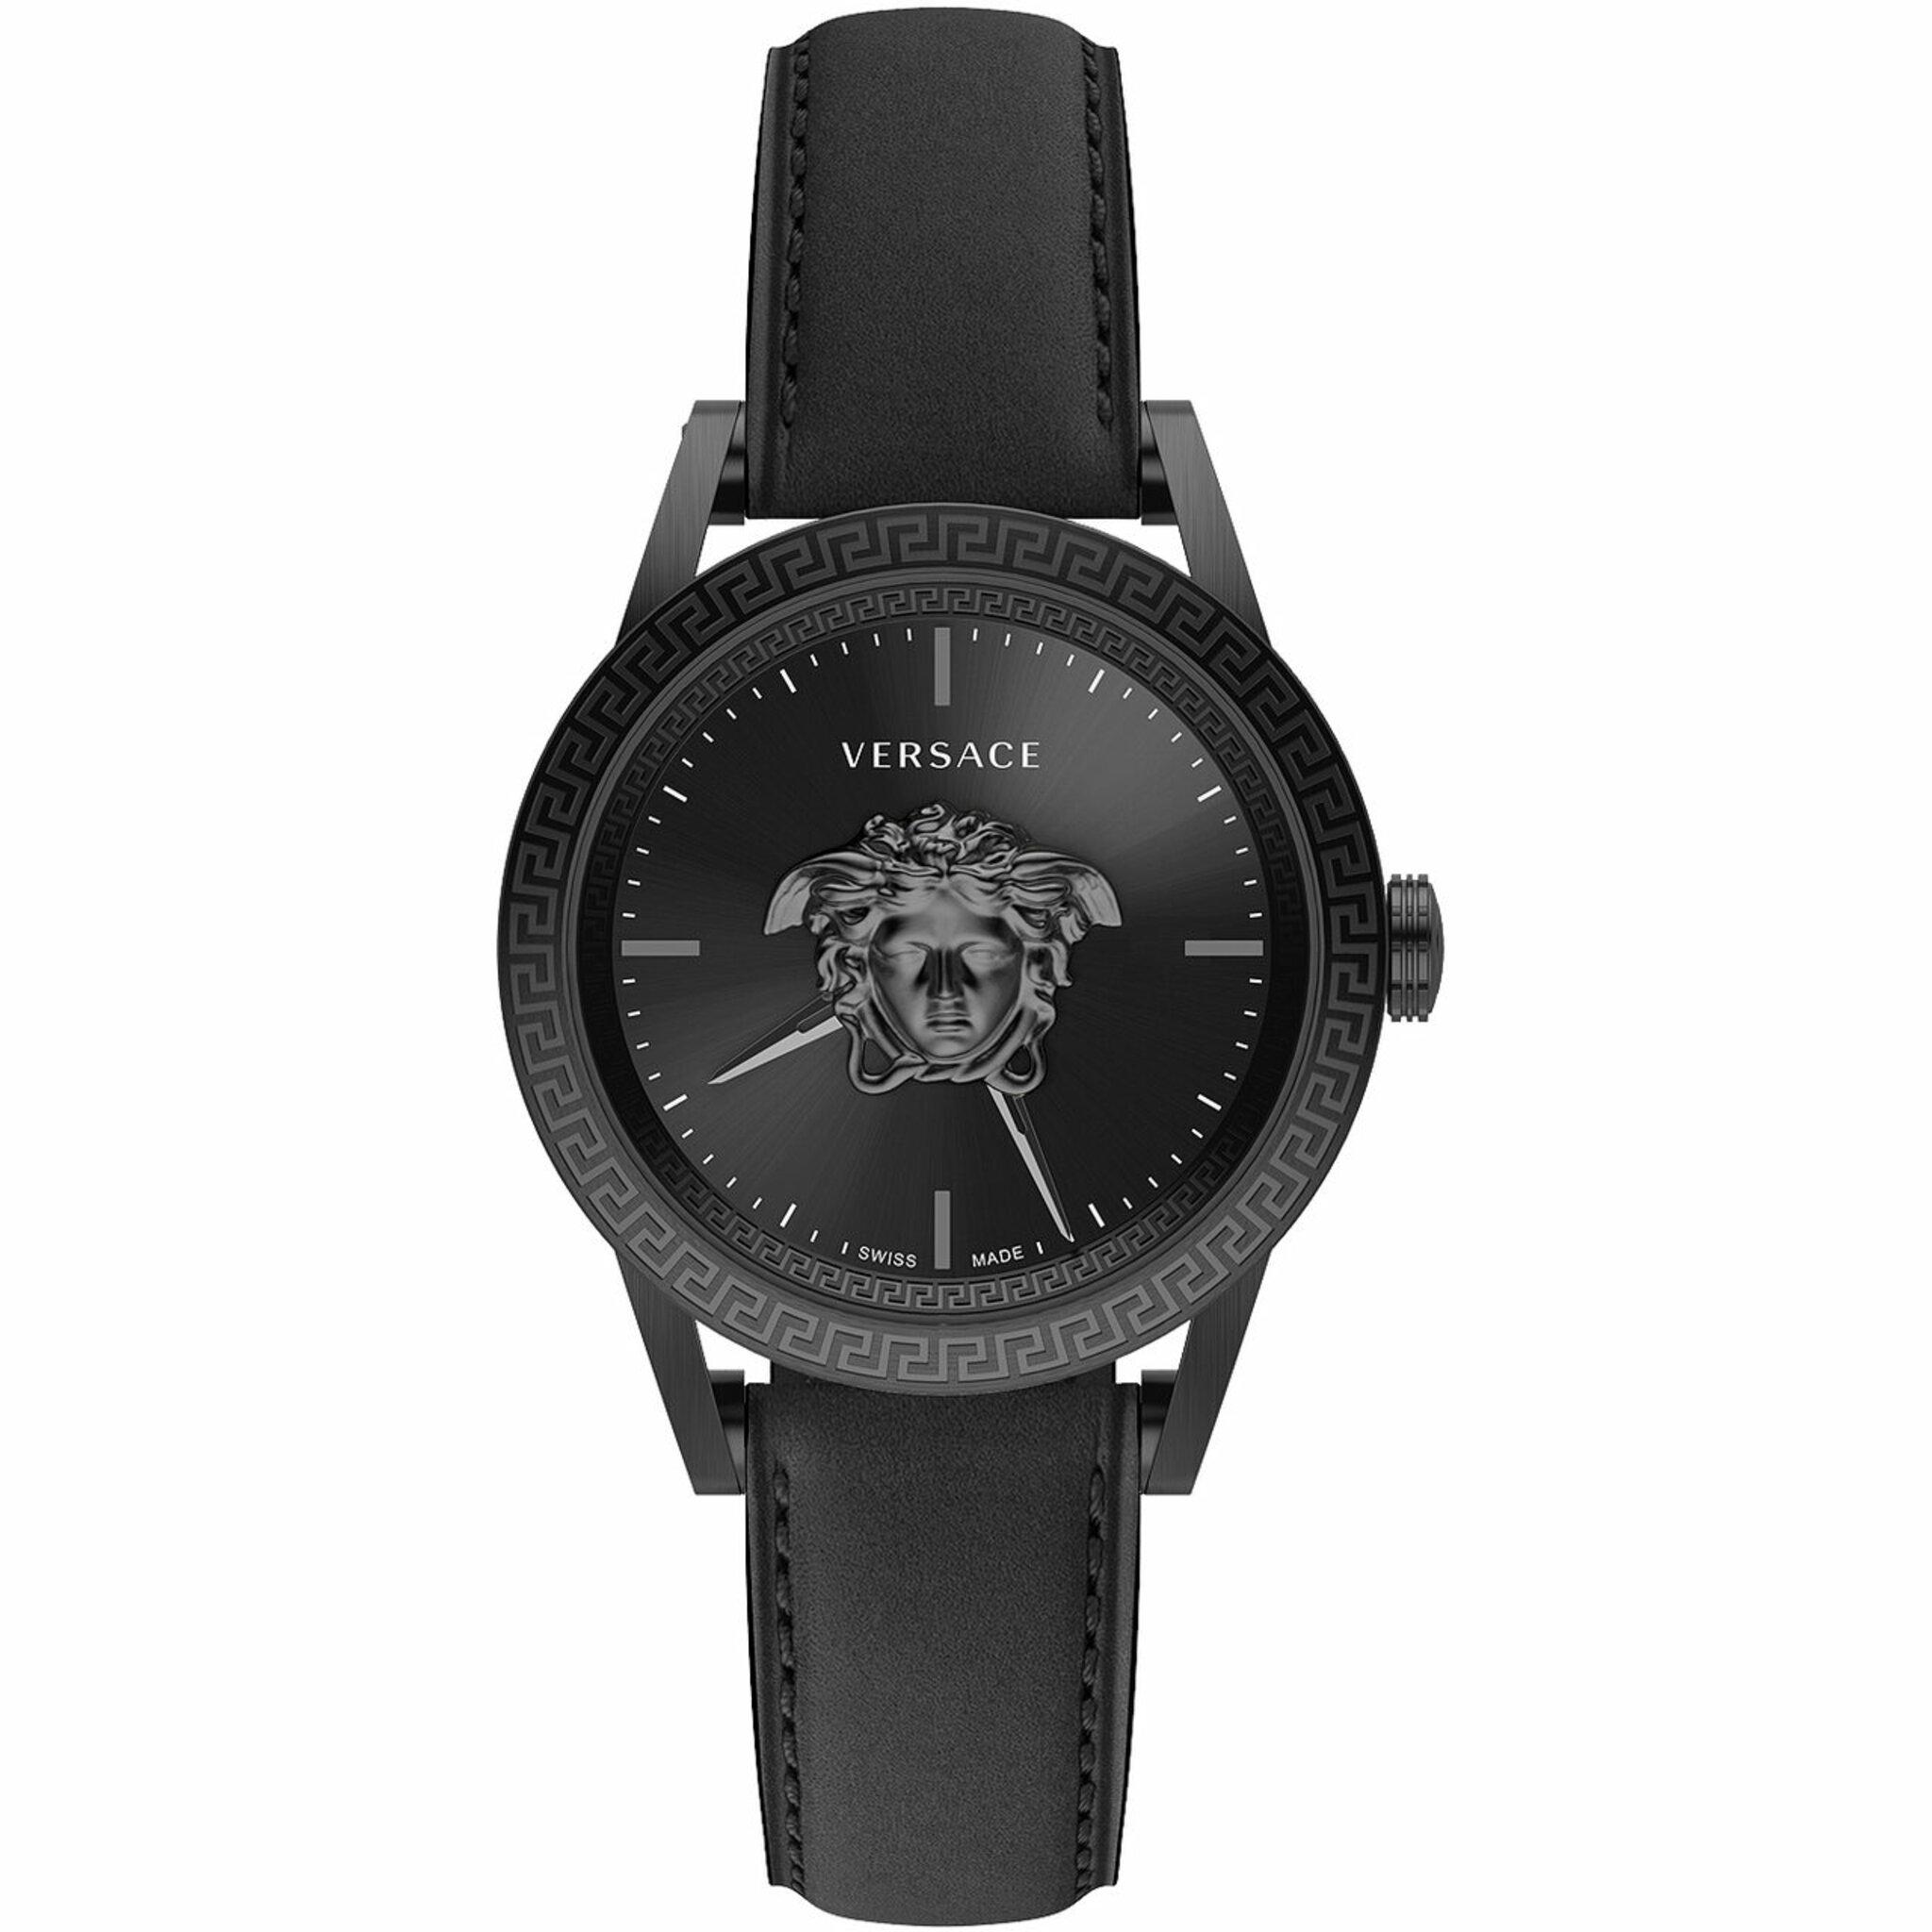 Verd01520, Quartz, 43mm, 5atm, black